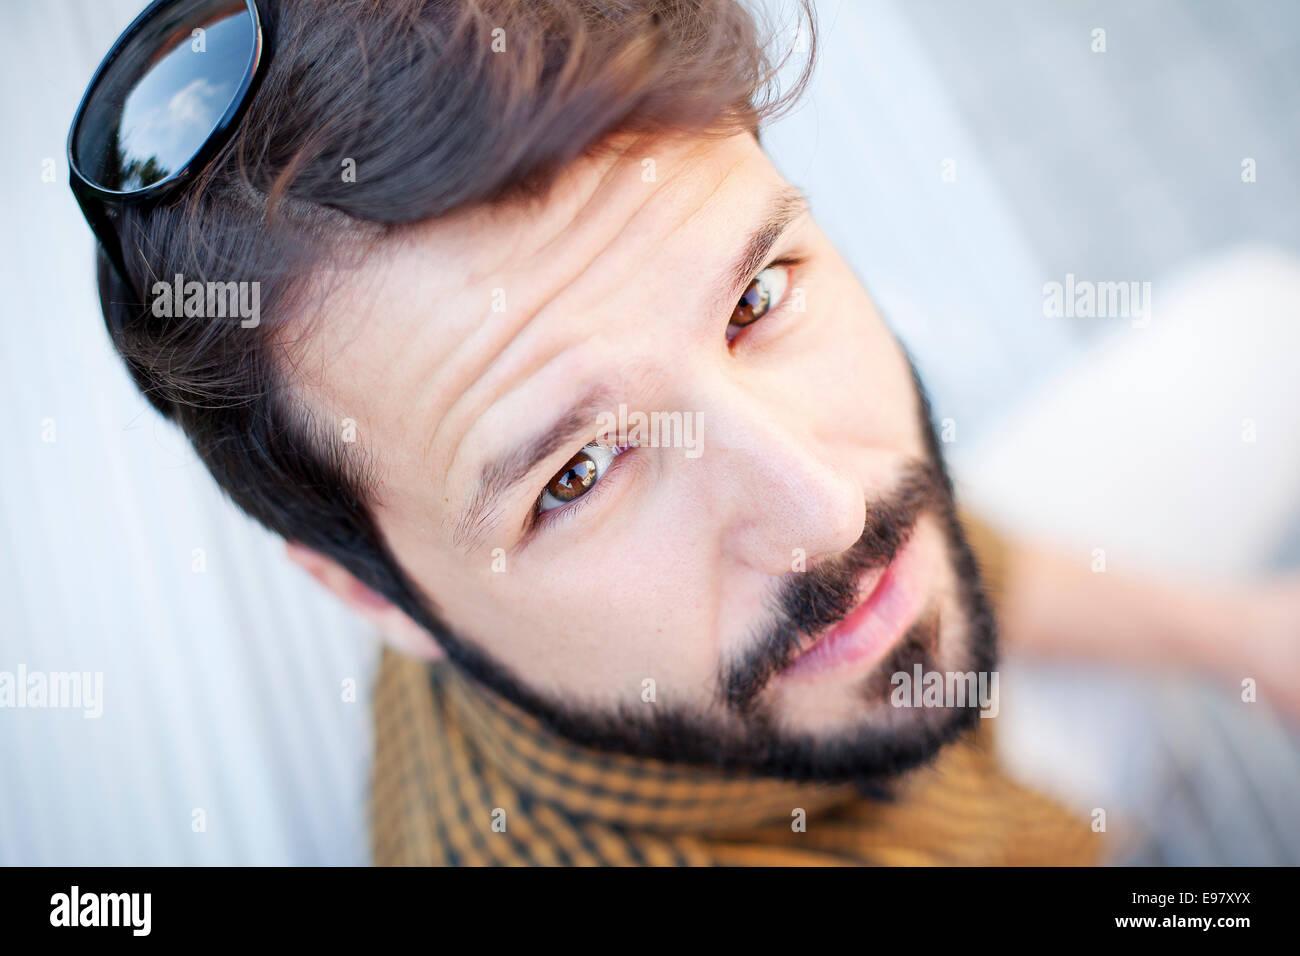 Porträt des jungen Mann mit Bart und braunen Haaren Stockbild